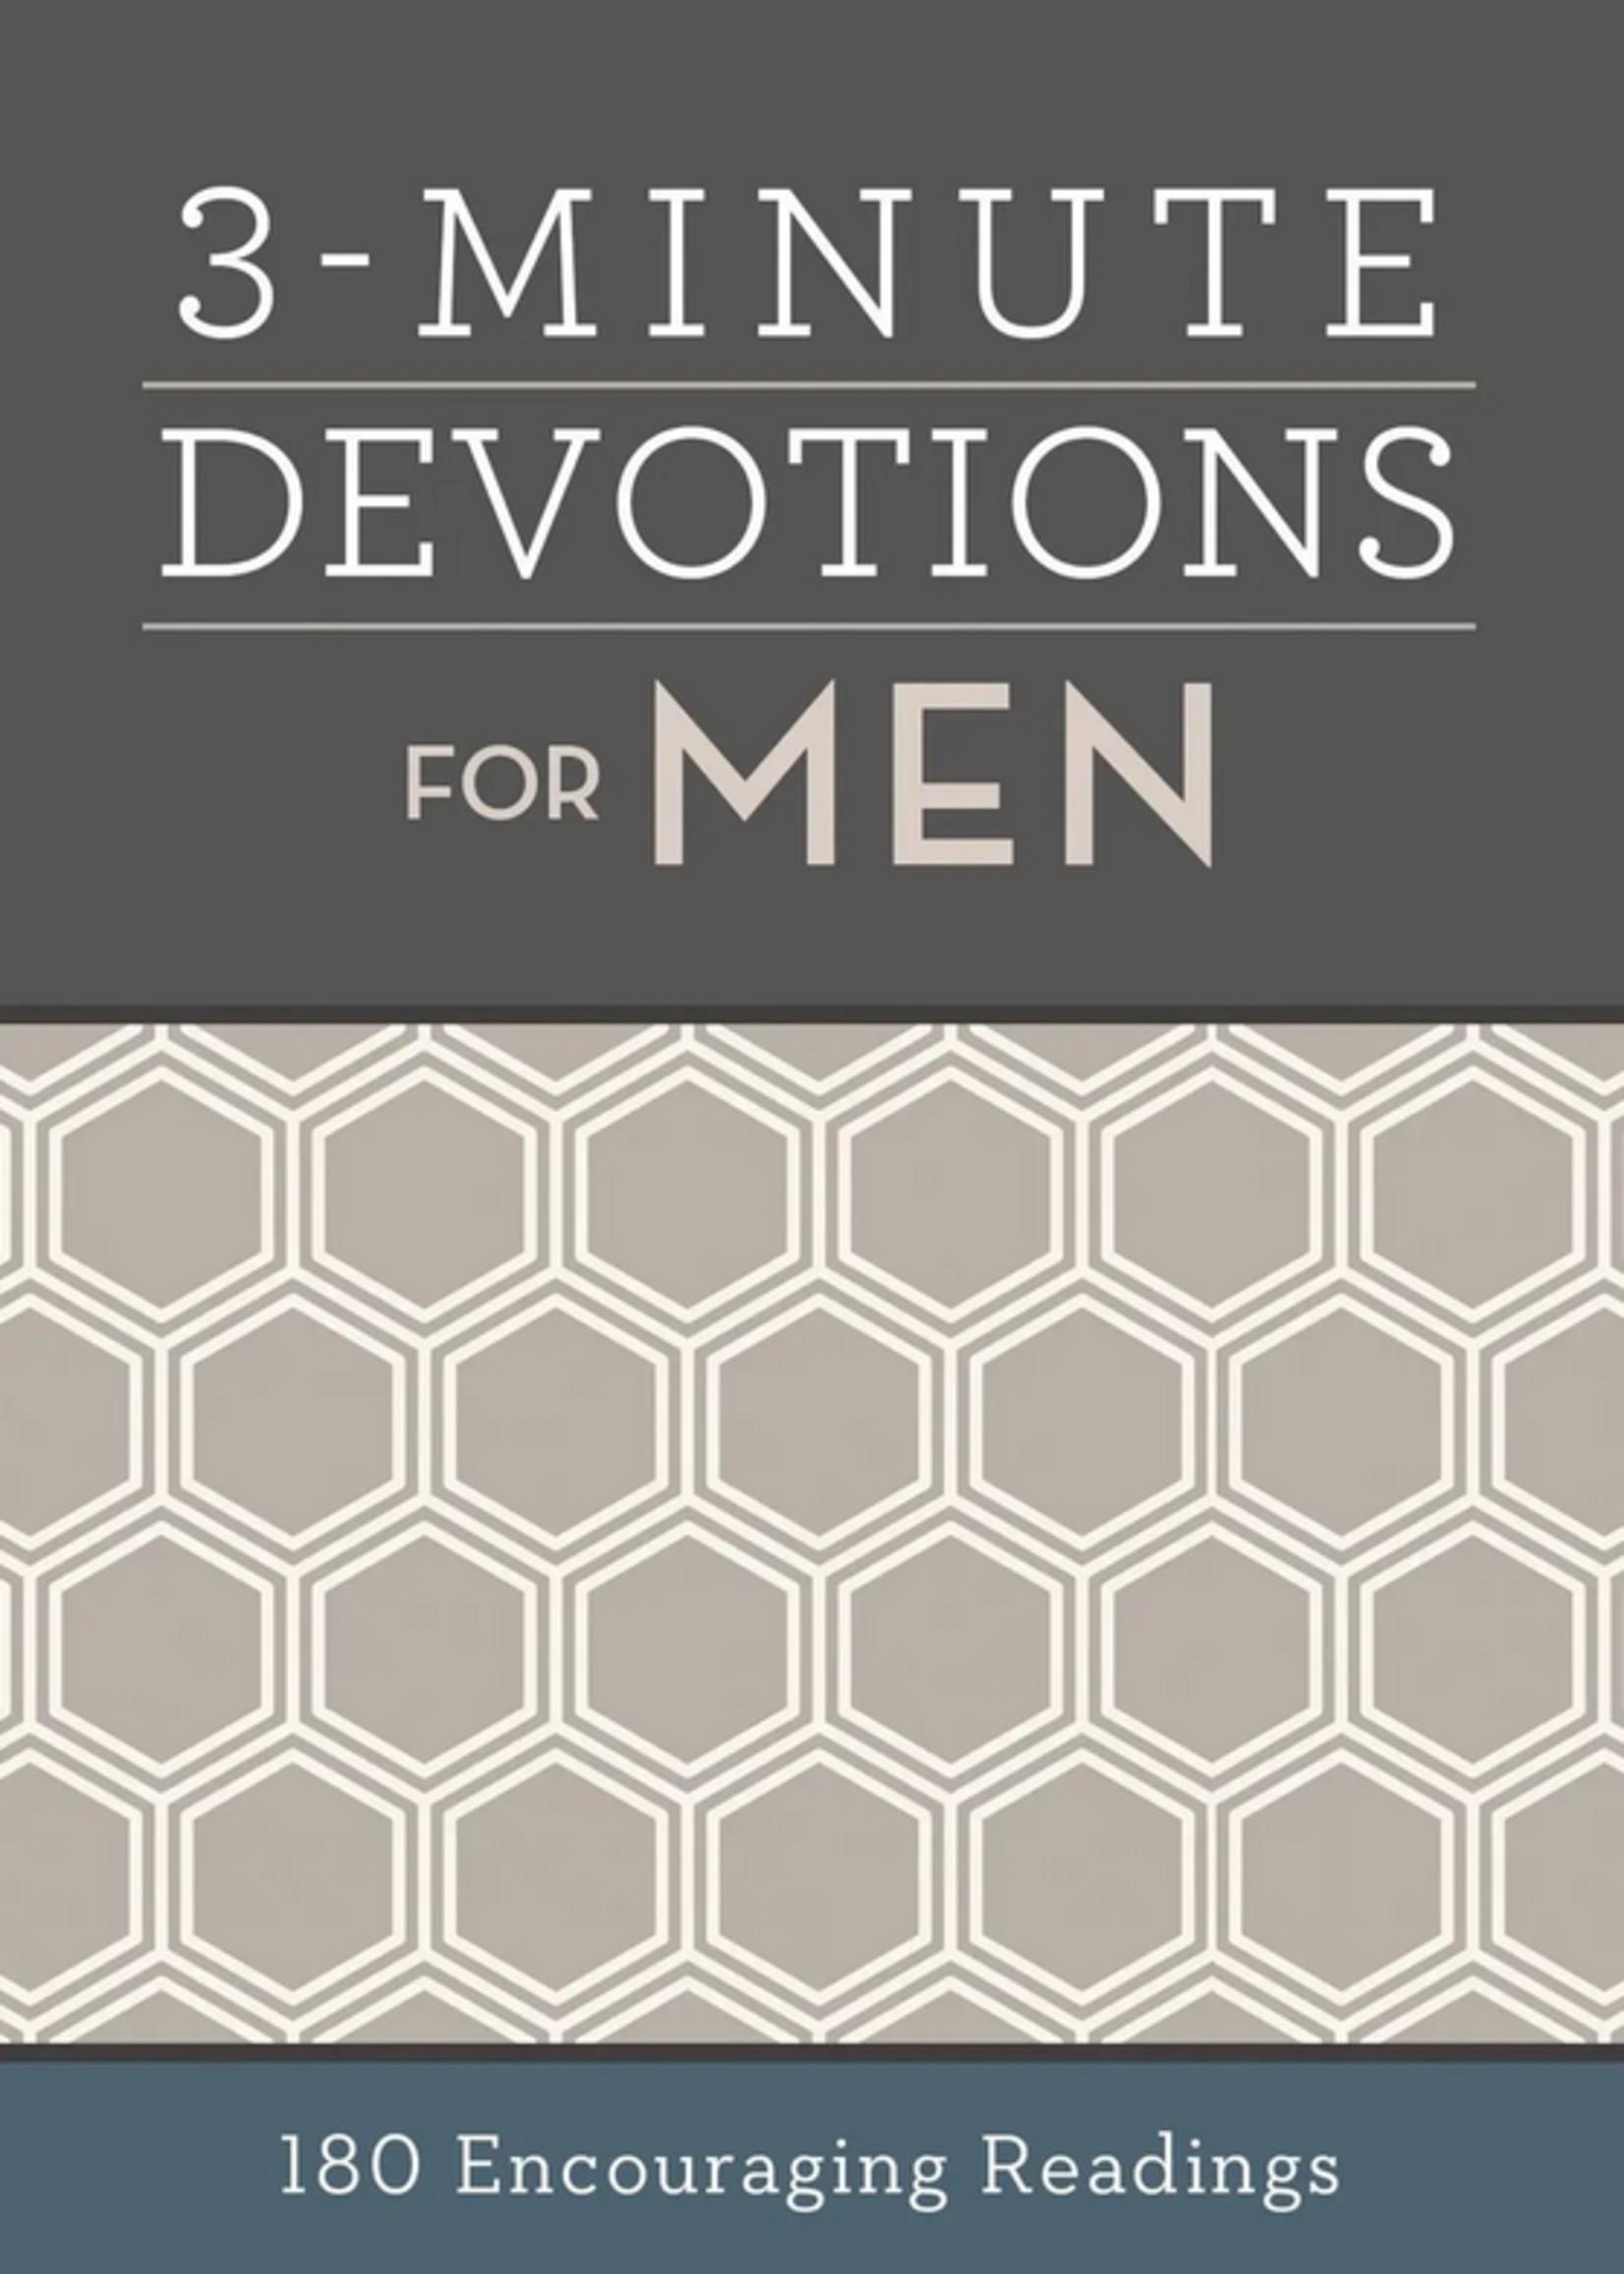 Barbour Publishing Inc. 3 Minute Devotions for Men